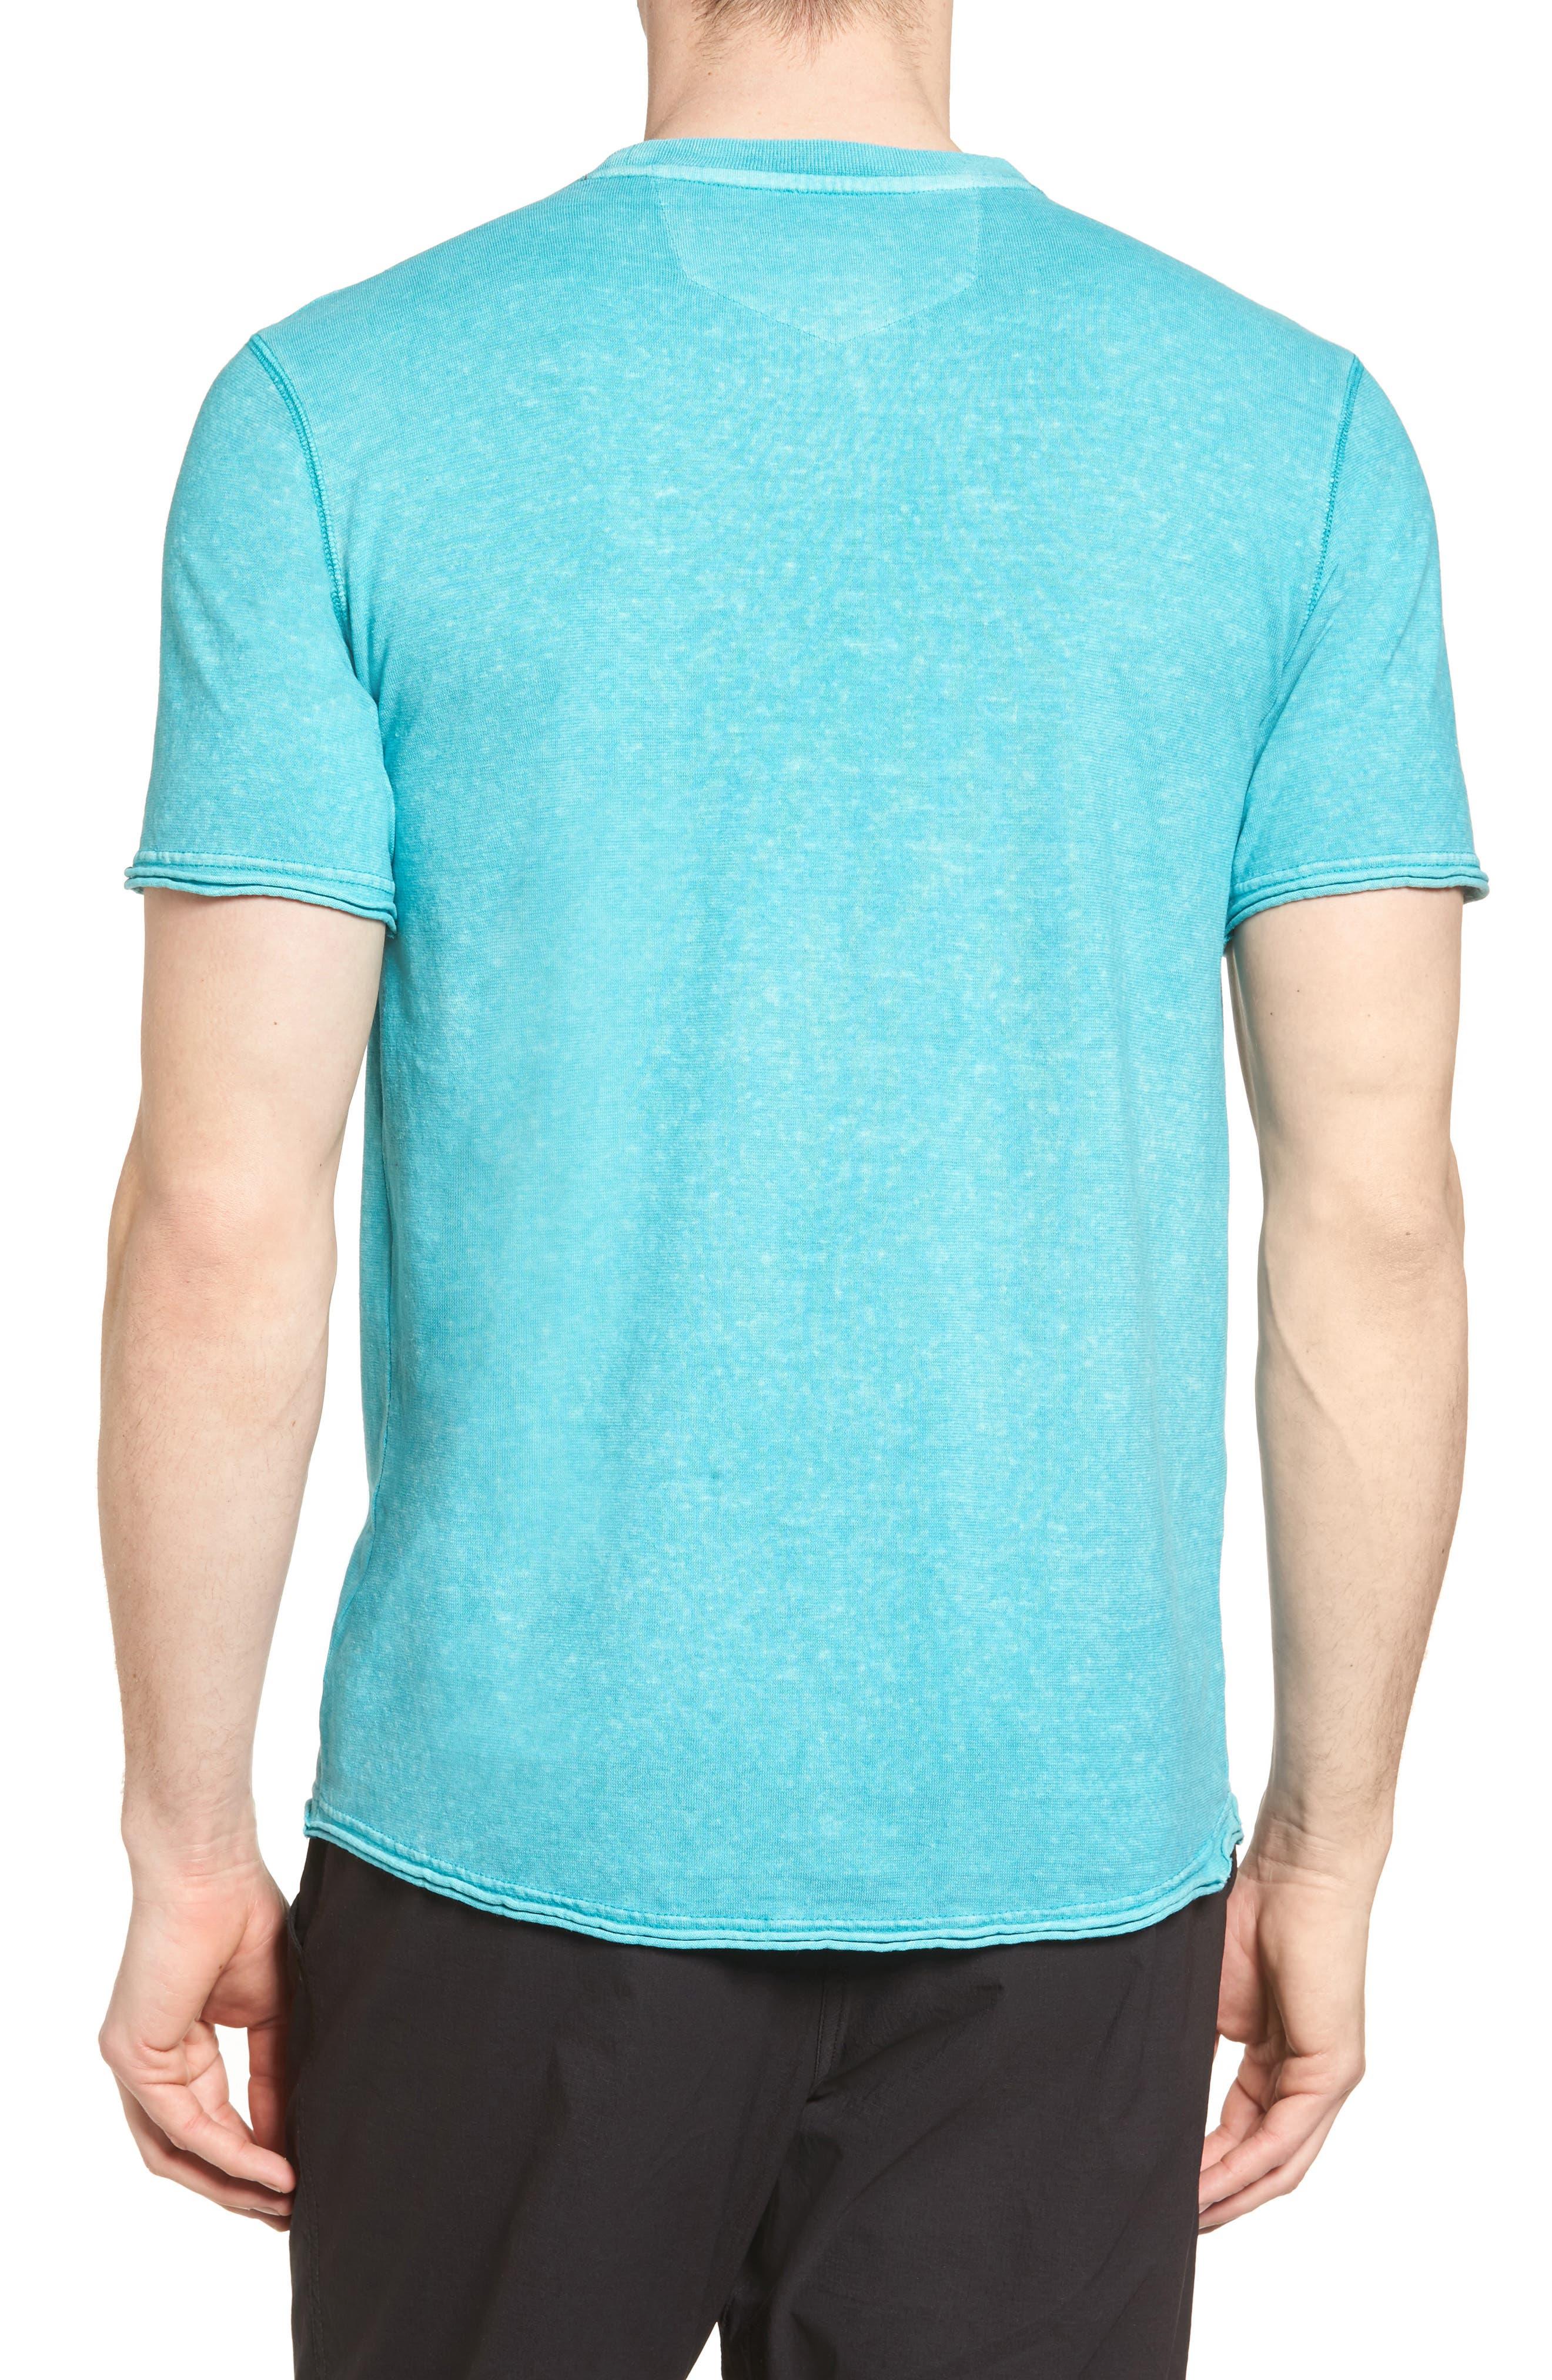 Camura T-Shirt,                             Alternate thumbnail 2, color,                             Fiji Blue